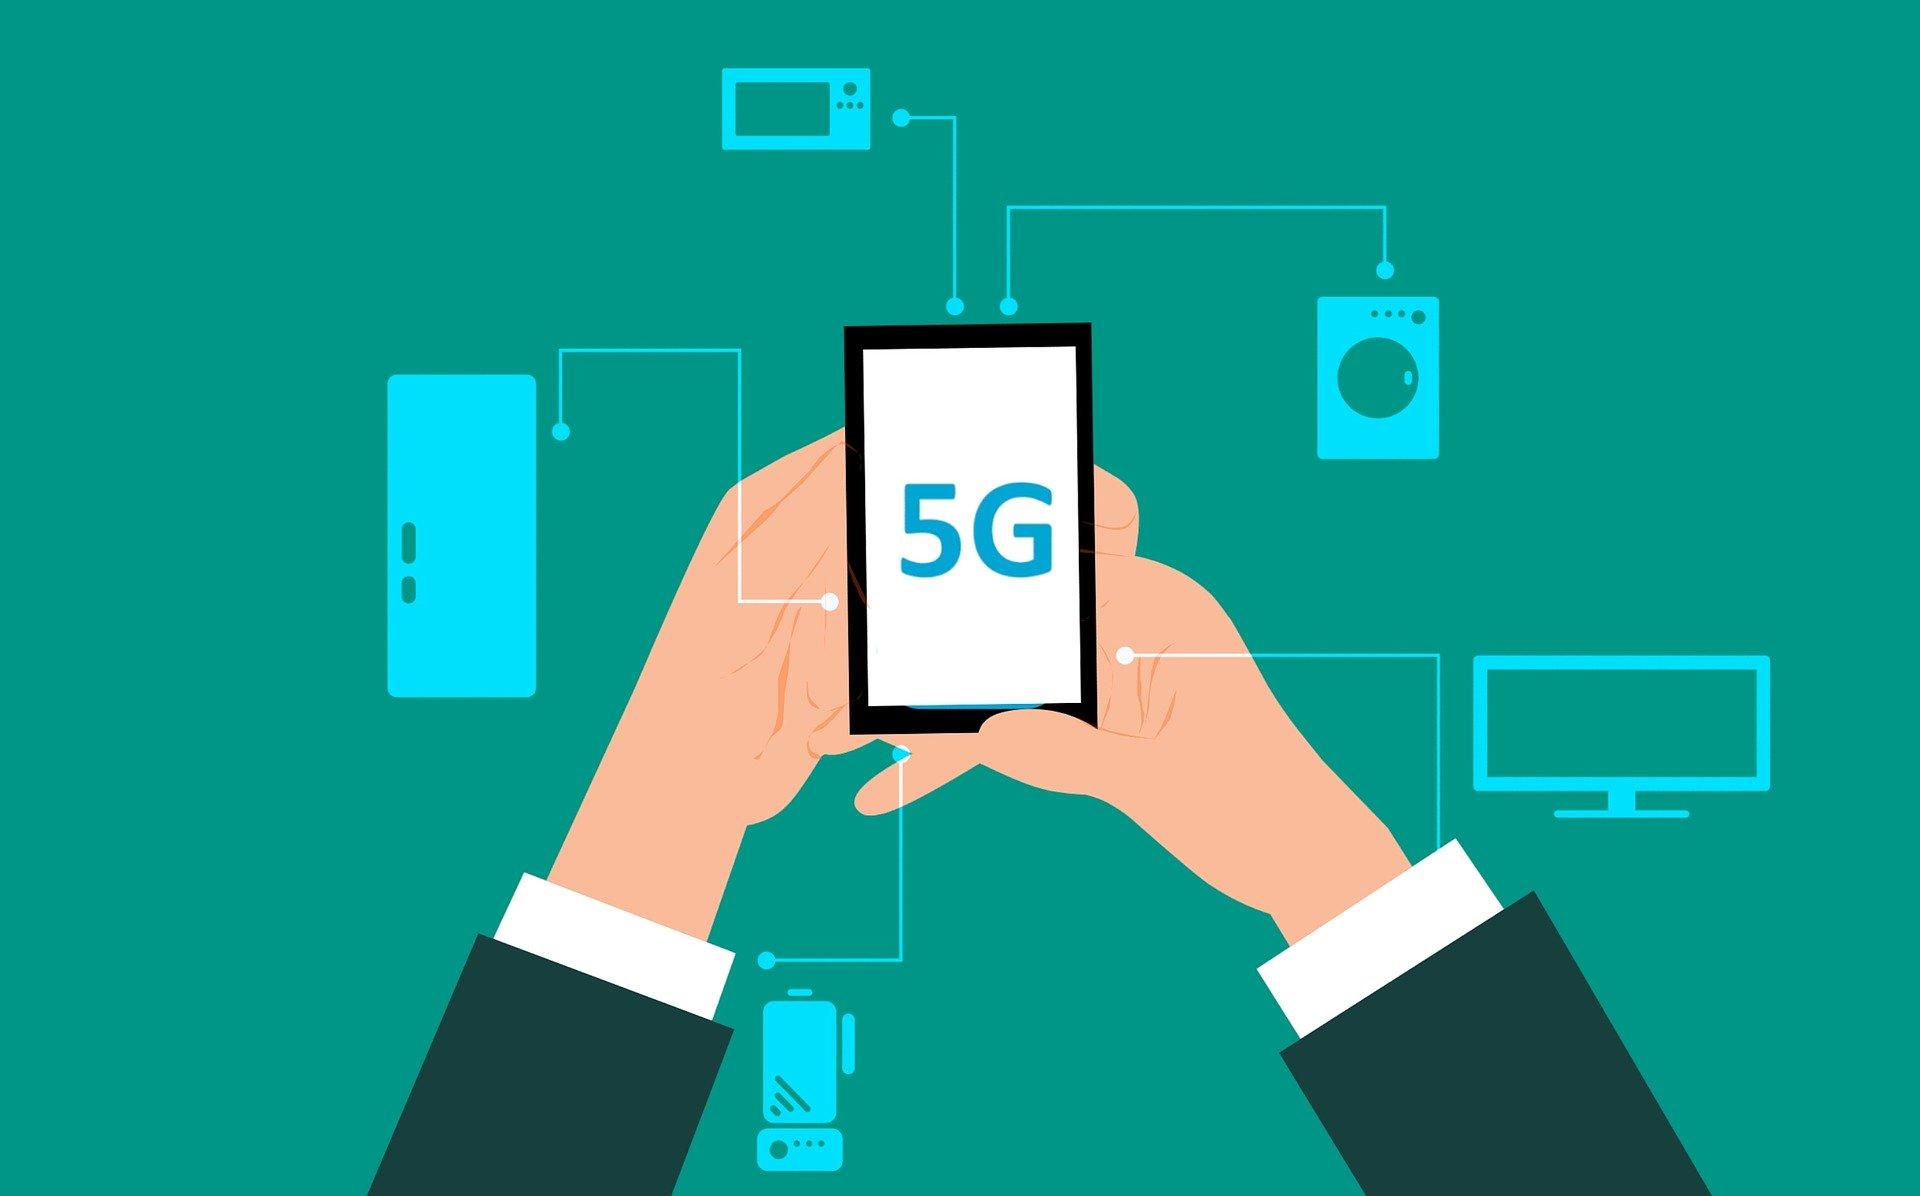 5Gがいよいよやってくる!動画配信サービス(VOD)に革命の予感